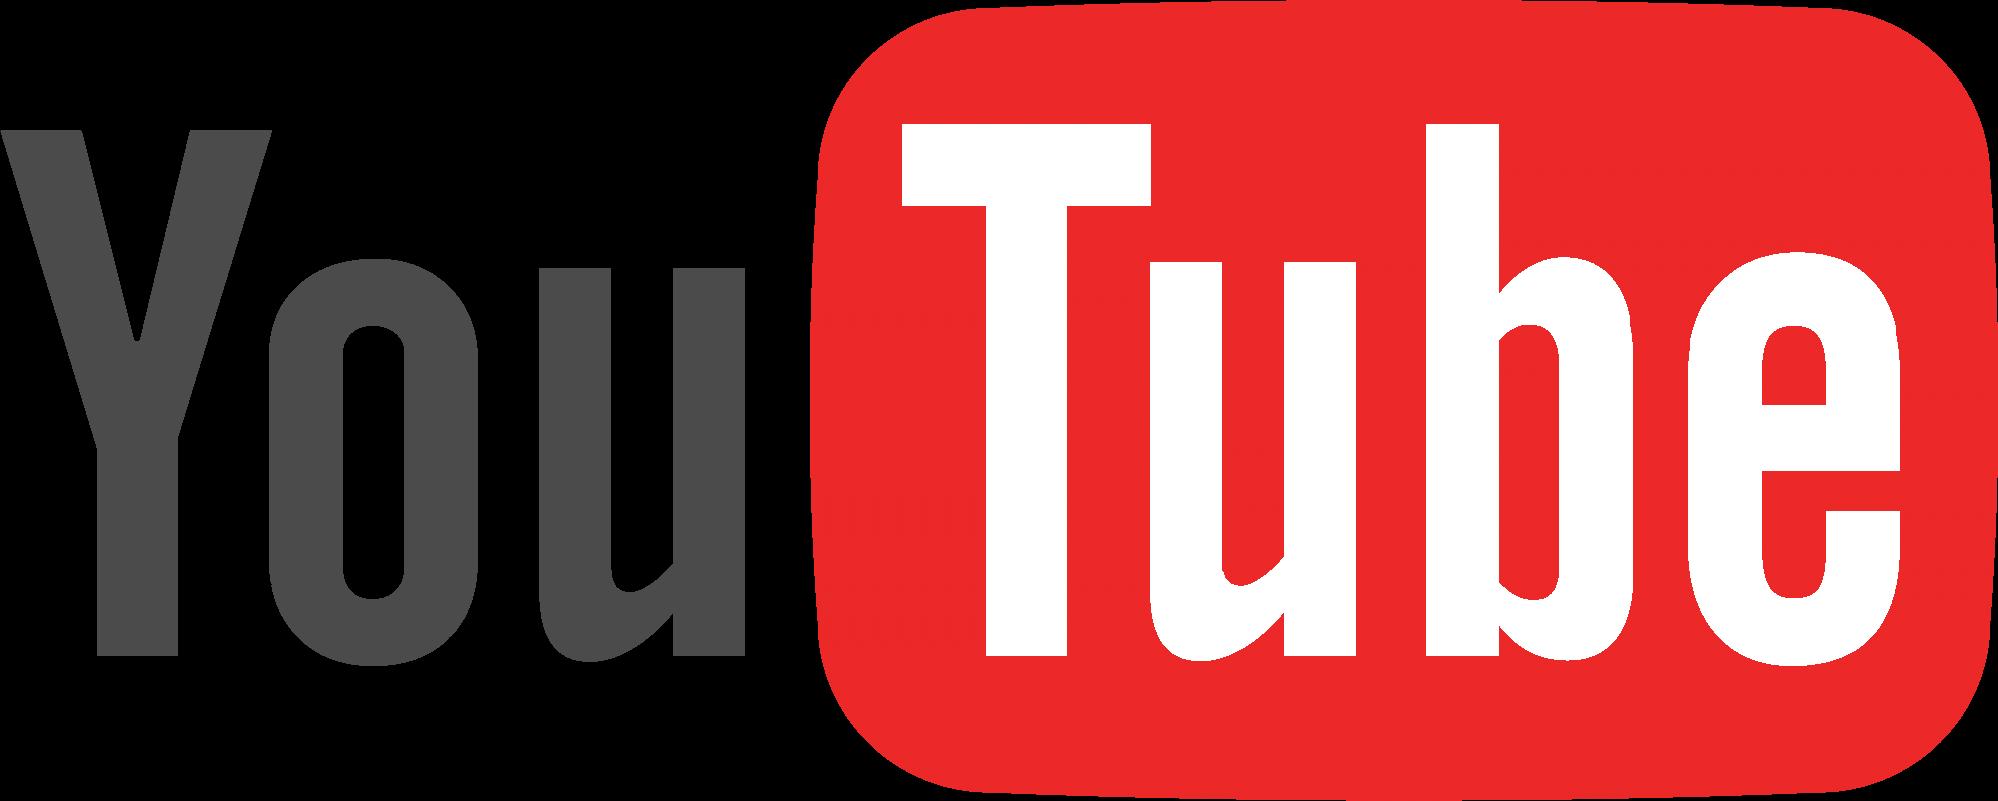 Cómo escuchar música desde YouTube sin abrir su página web